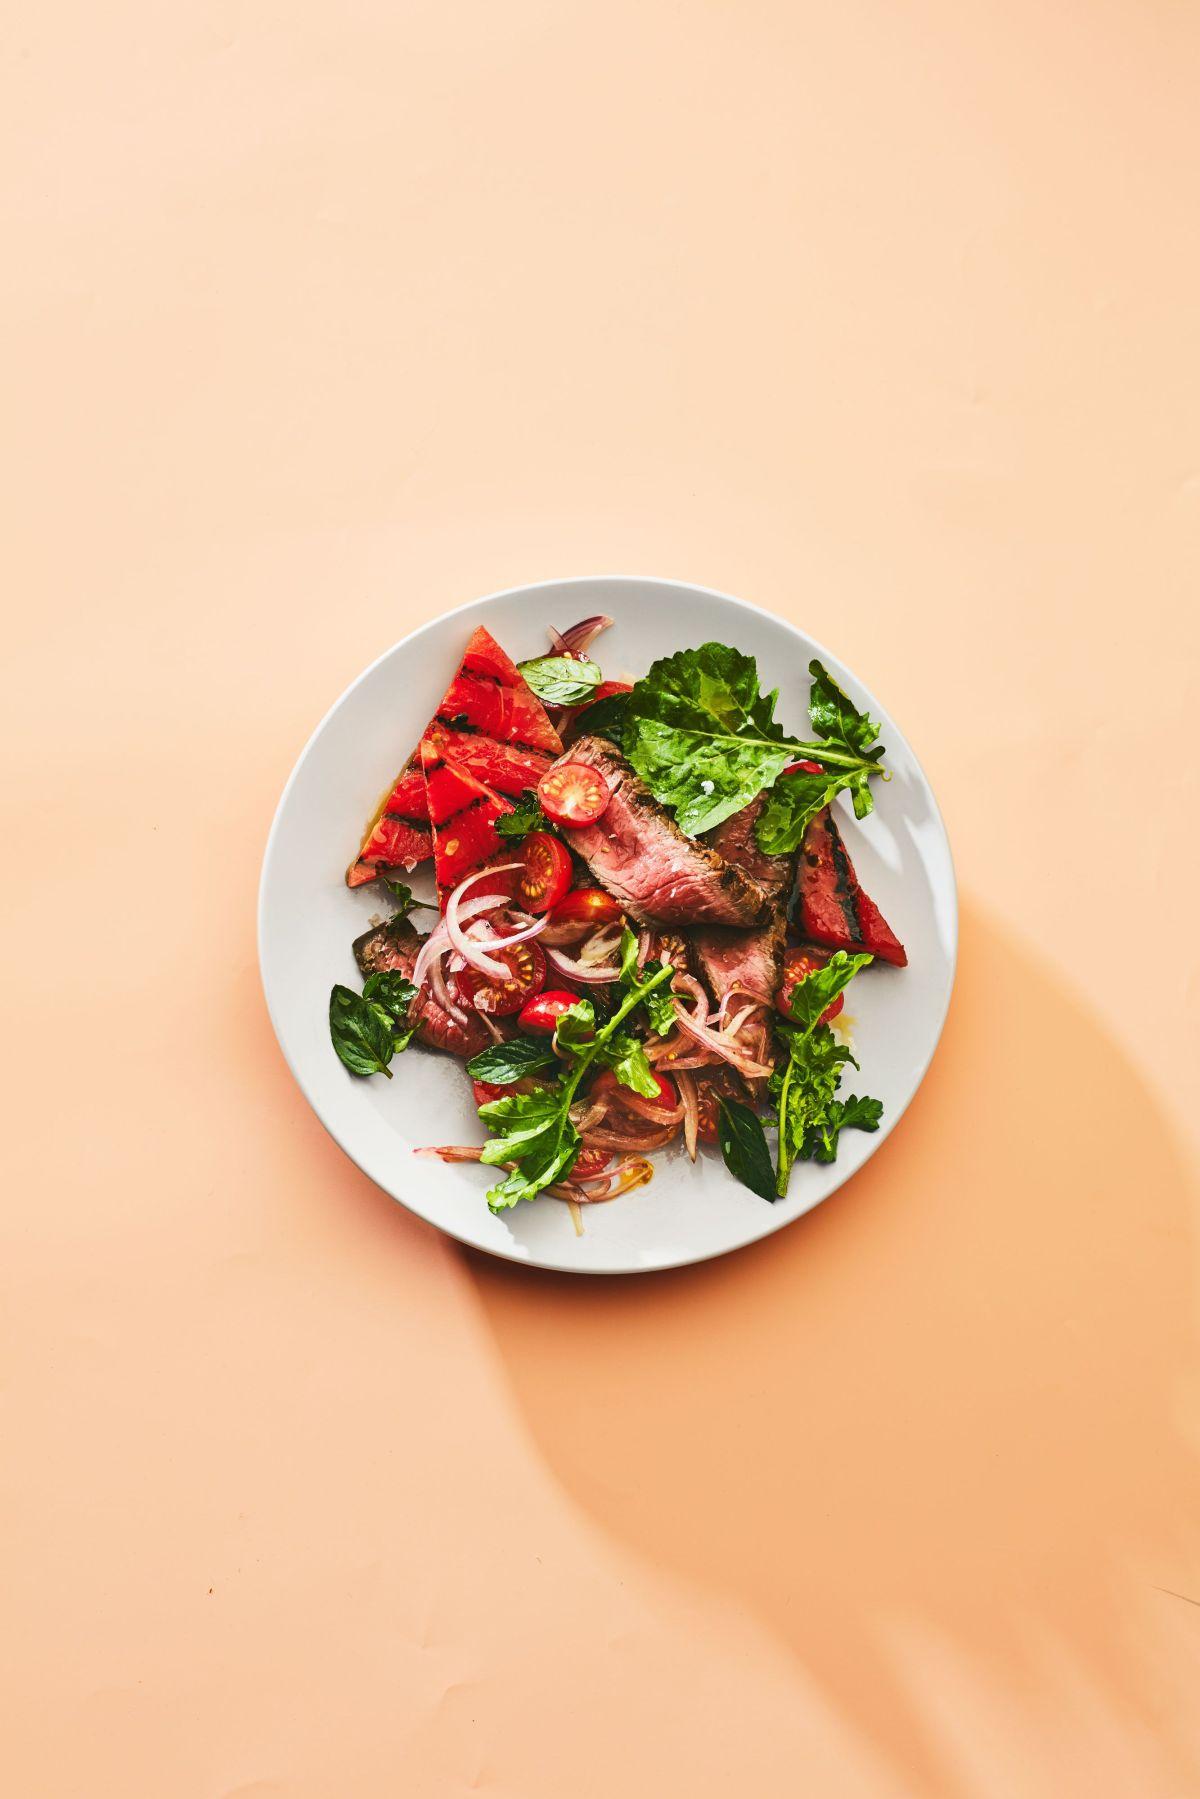 Một bữa ăn giảm cân lành mạnh: giàu đạm, rau, xơ, ít tinh bột và chất béo